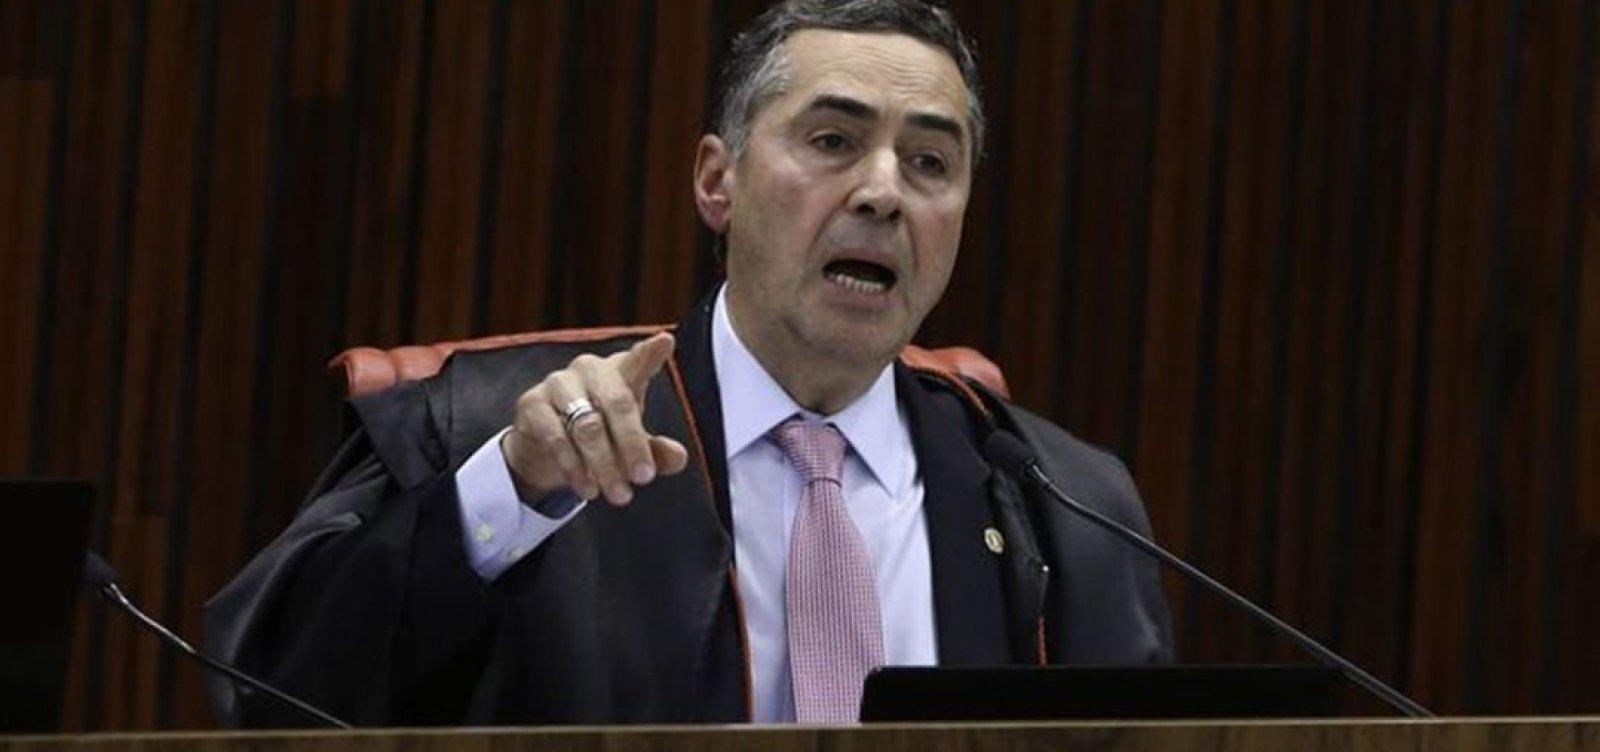 'Se os homens engravidassem, já teria resolvido há muito tempo', diz Barroso sobre aborto